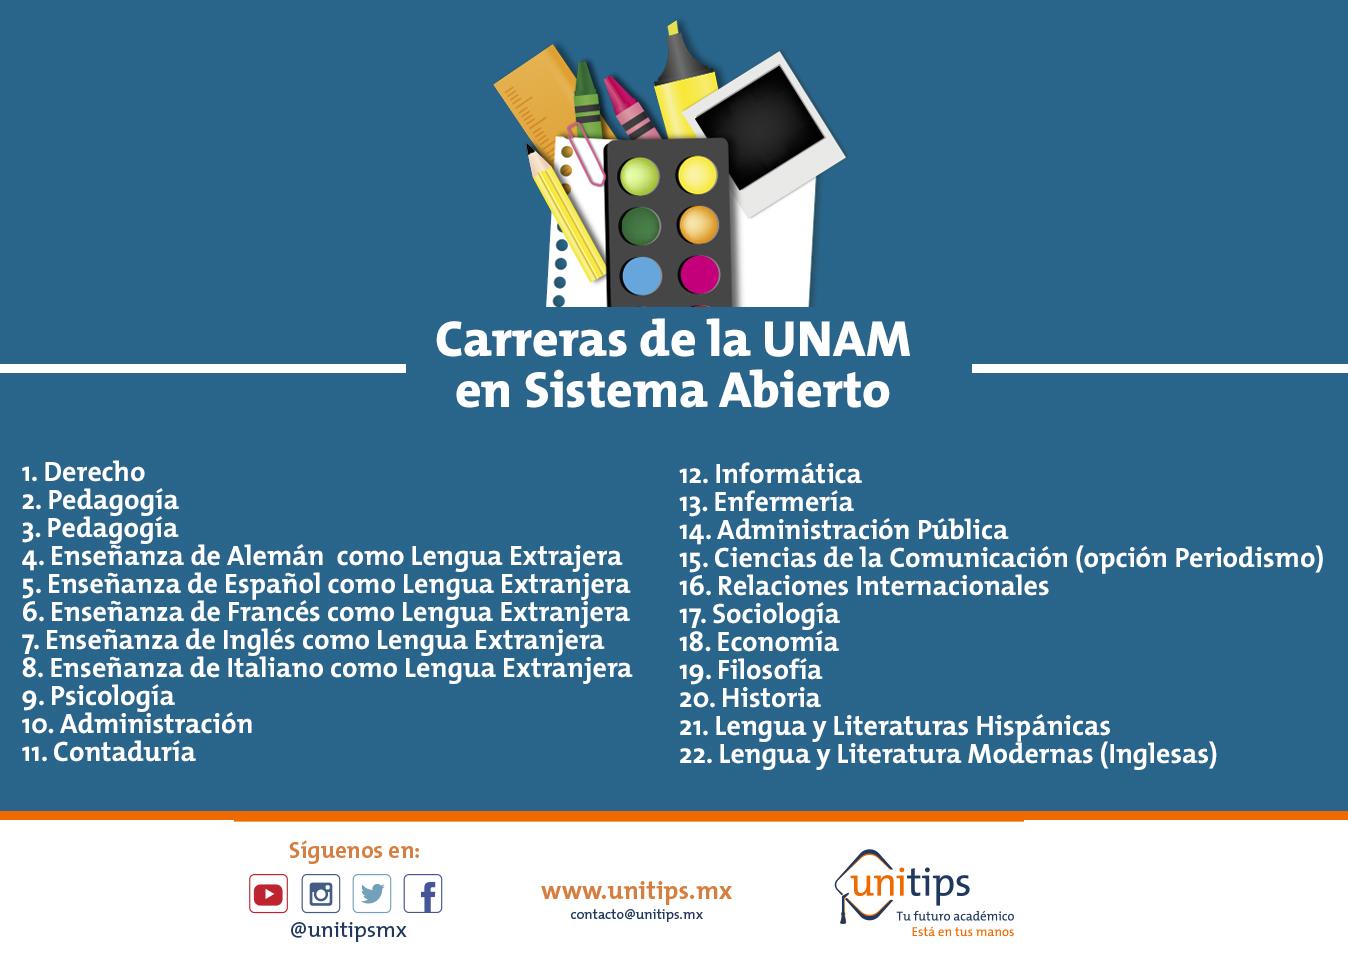 Carreras de la UNAM en Sistema Abierto